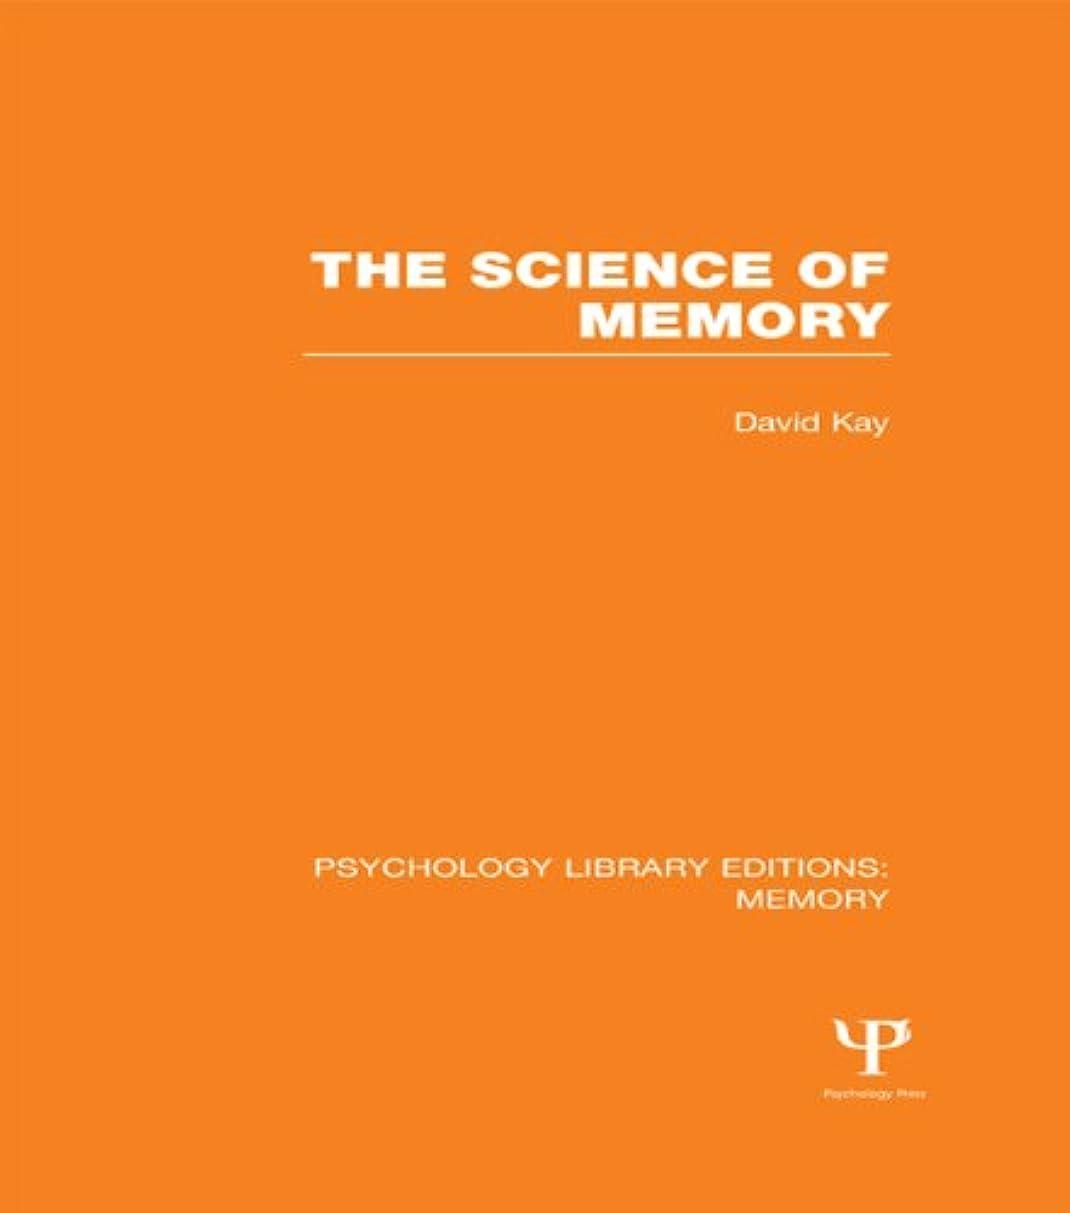 ノベルティ思い出させる教The Science of Memory (PLE: Memory) (Psychology Library Editions: Memory Book 13) (English Edition)